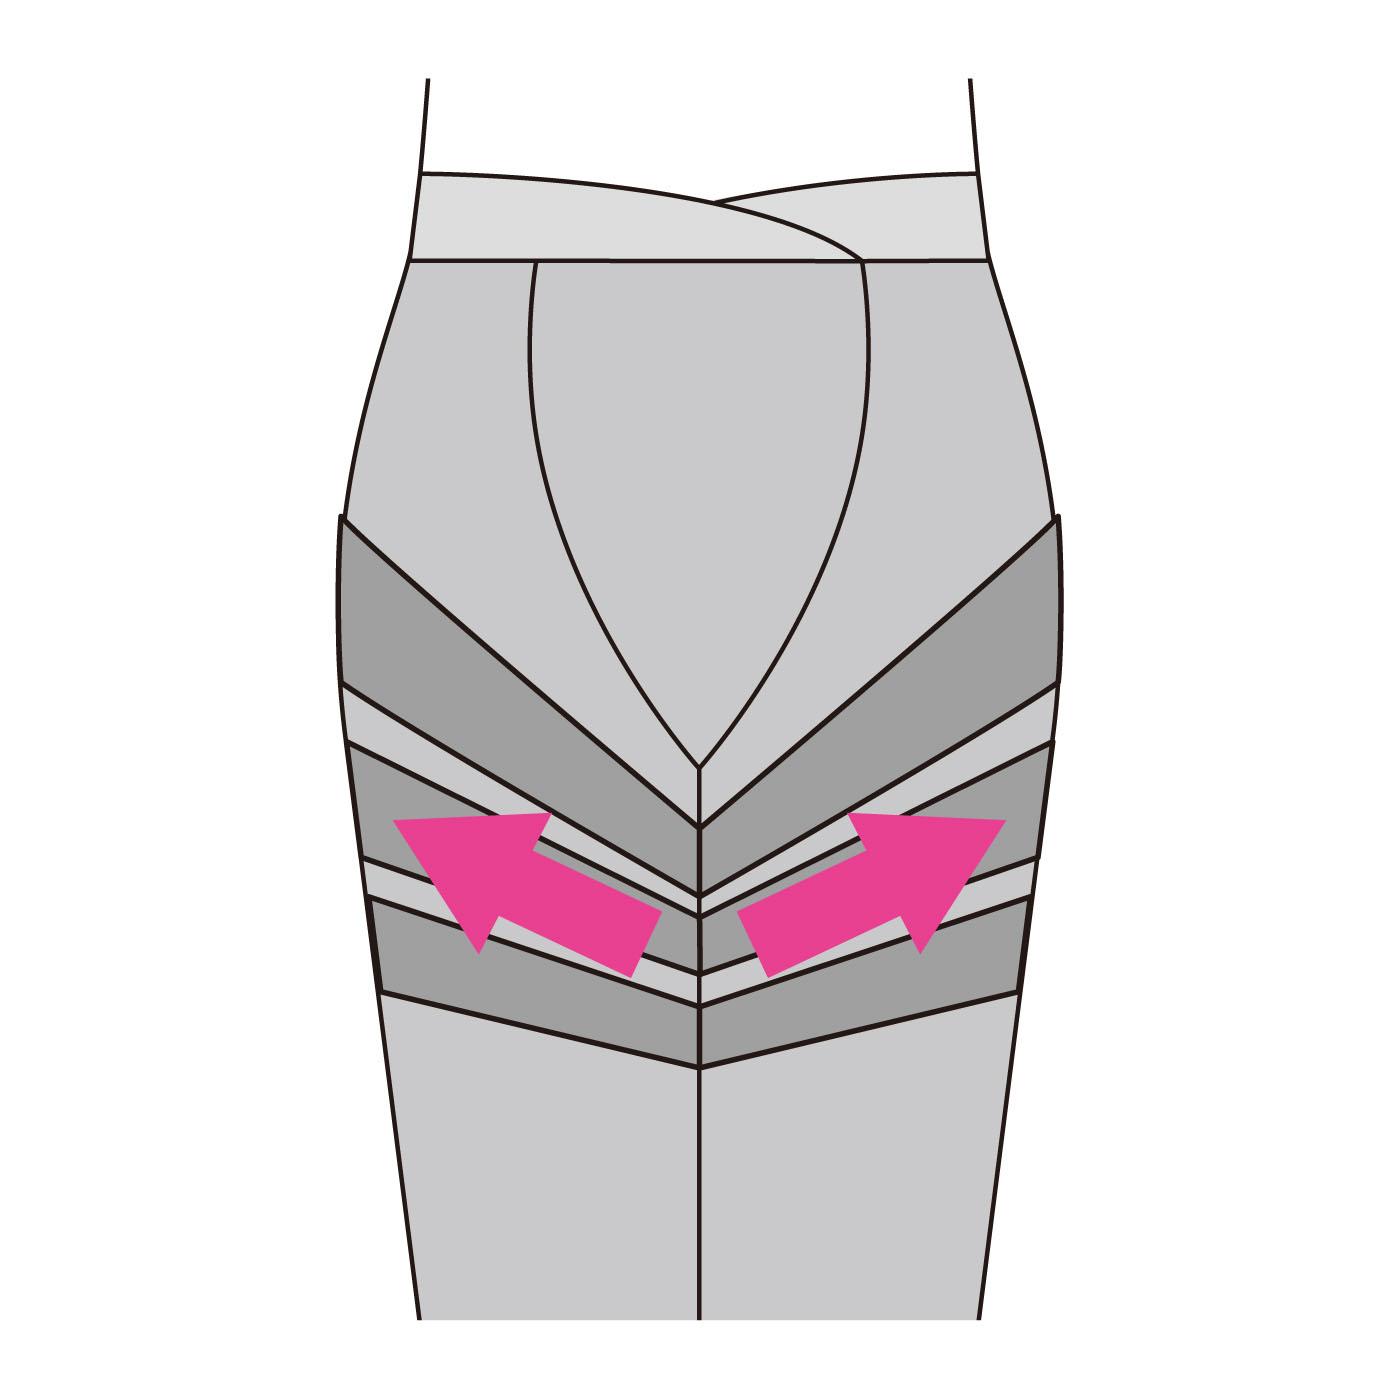 【正面】おなかは締め付けがないのでらくらく。内ももから外側にかけて筋肉の流れに対して逆方向に働きかけるパワーネットを配置。